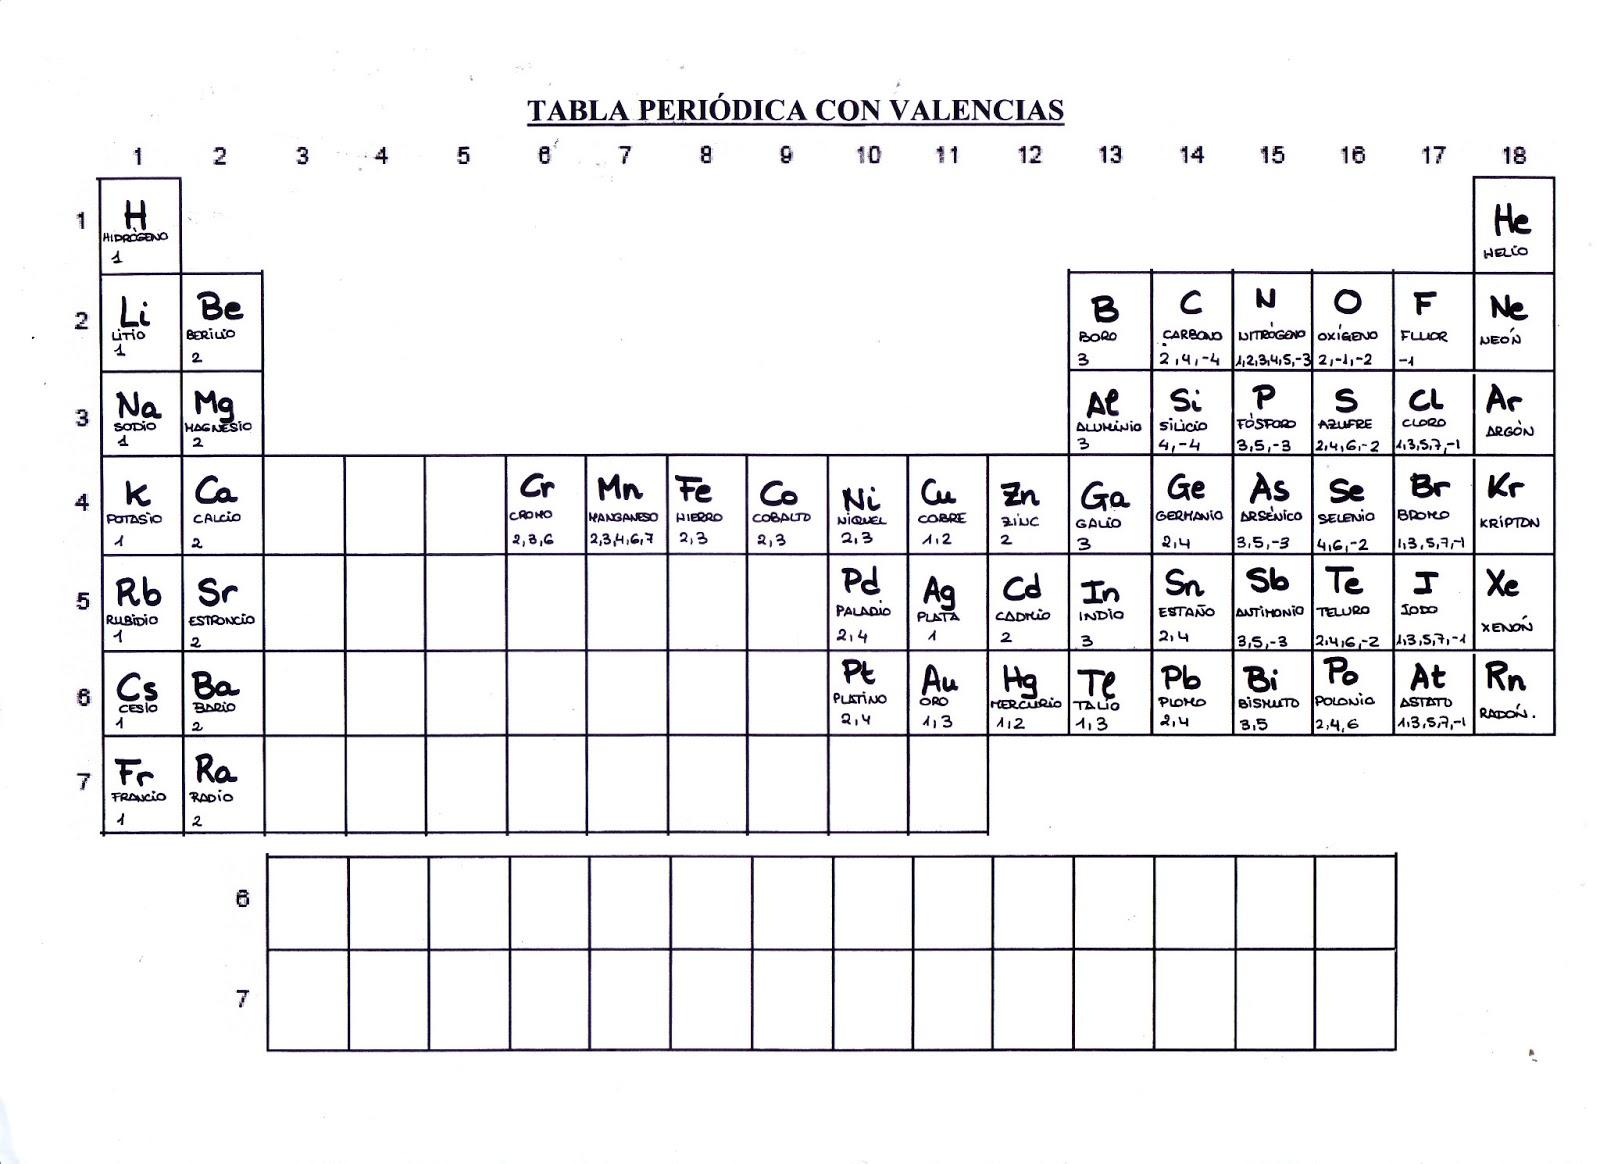 Tabla periodica en word 2010 choice image periodic table and tabla periodica con valencias para imprimir blanco y negro gallery tabla periodica con valencias para chuleta urtaz Images